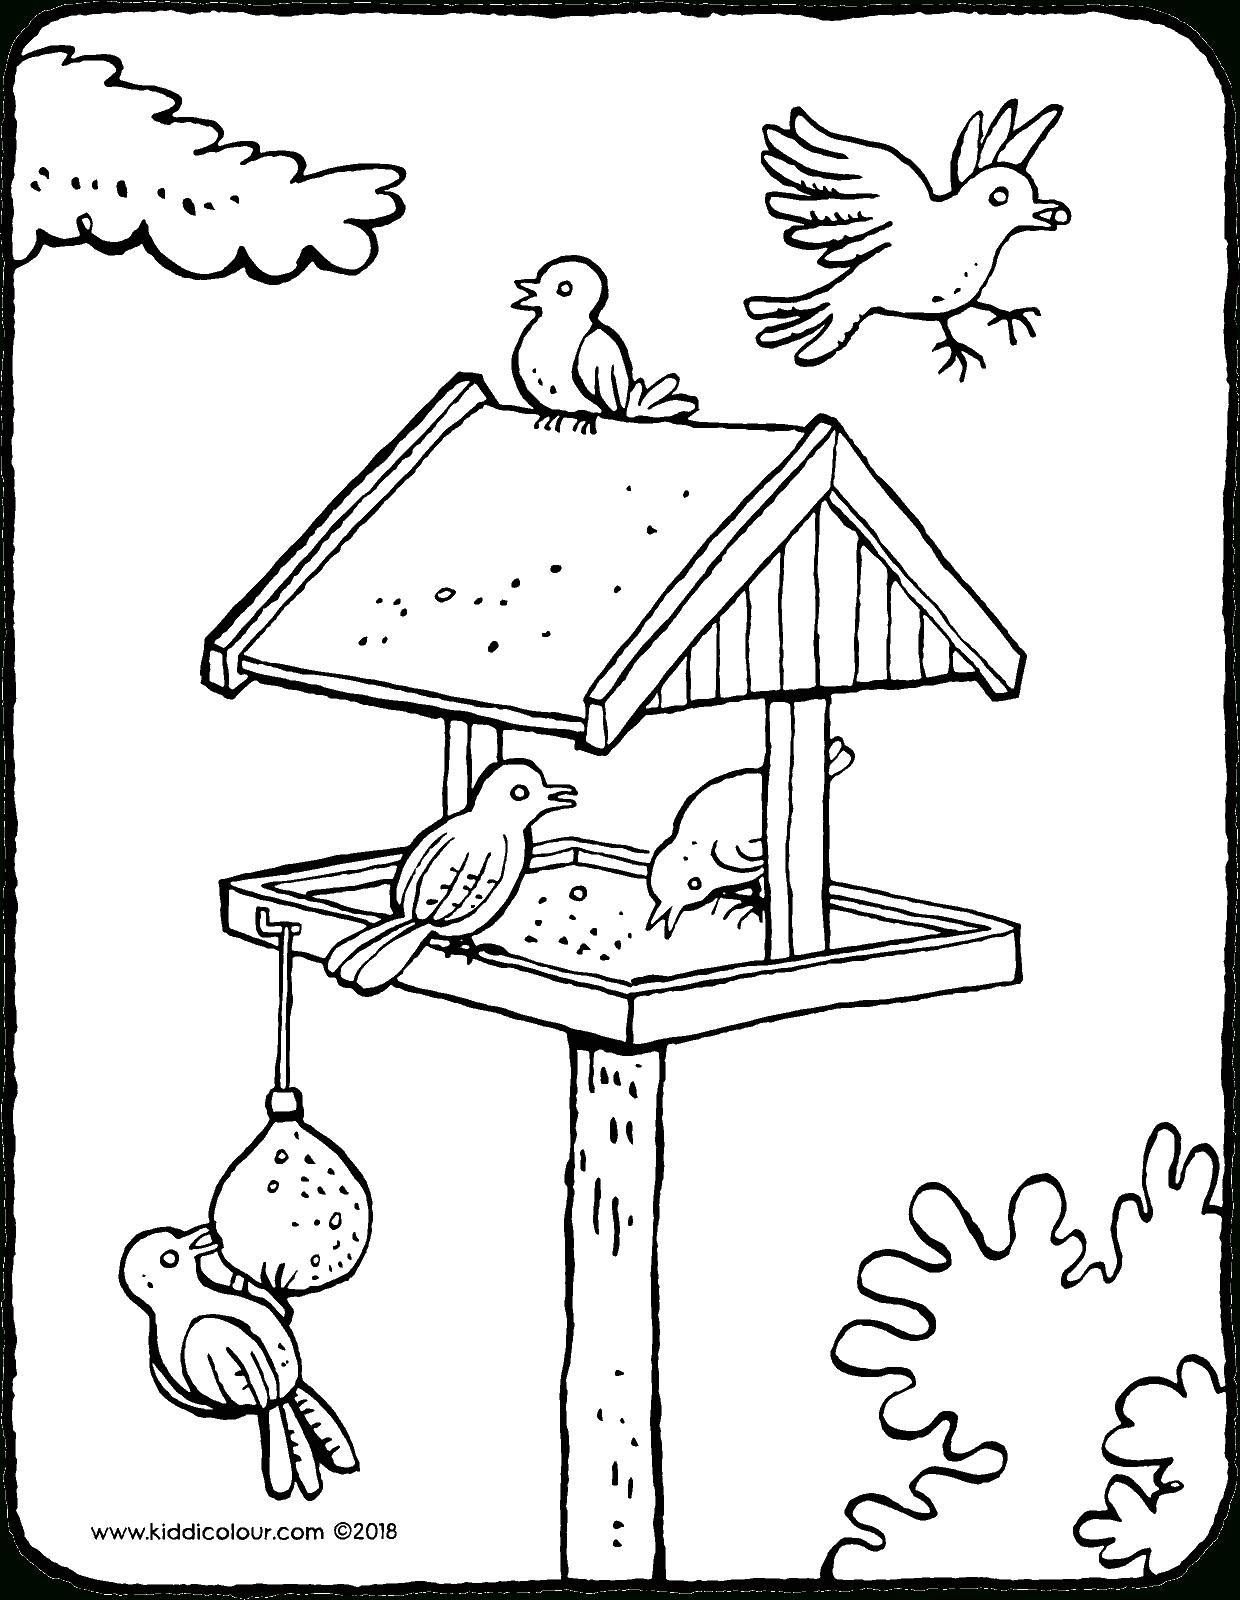 Ein Vogelhaus Mit Vögeln - Kiddimalseite innen Malvorlagen Vögel